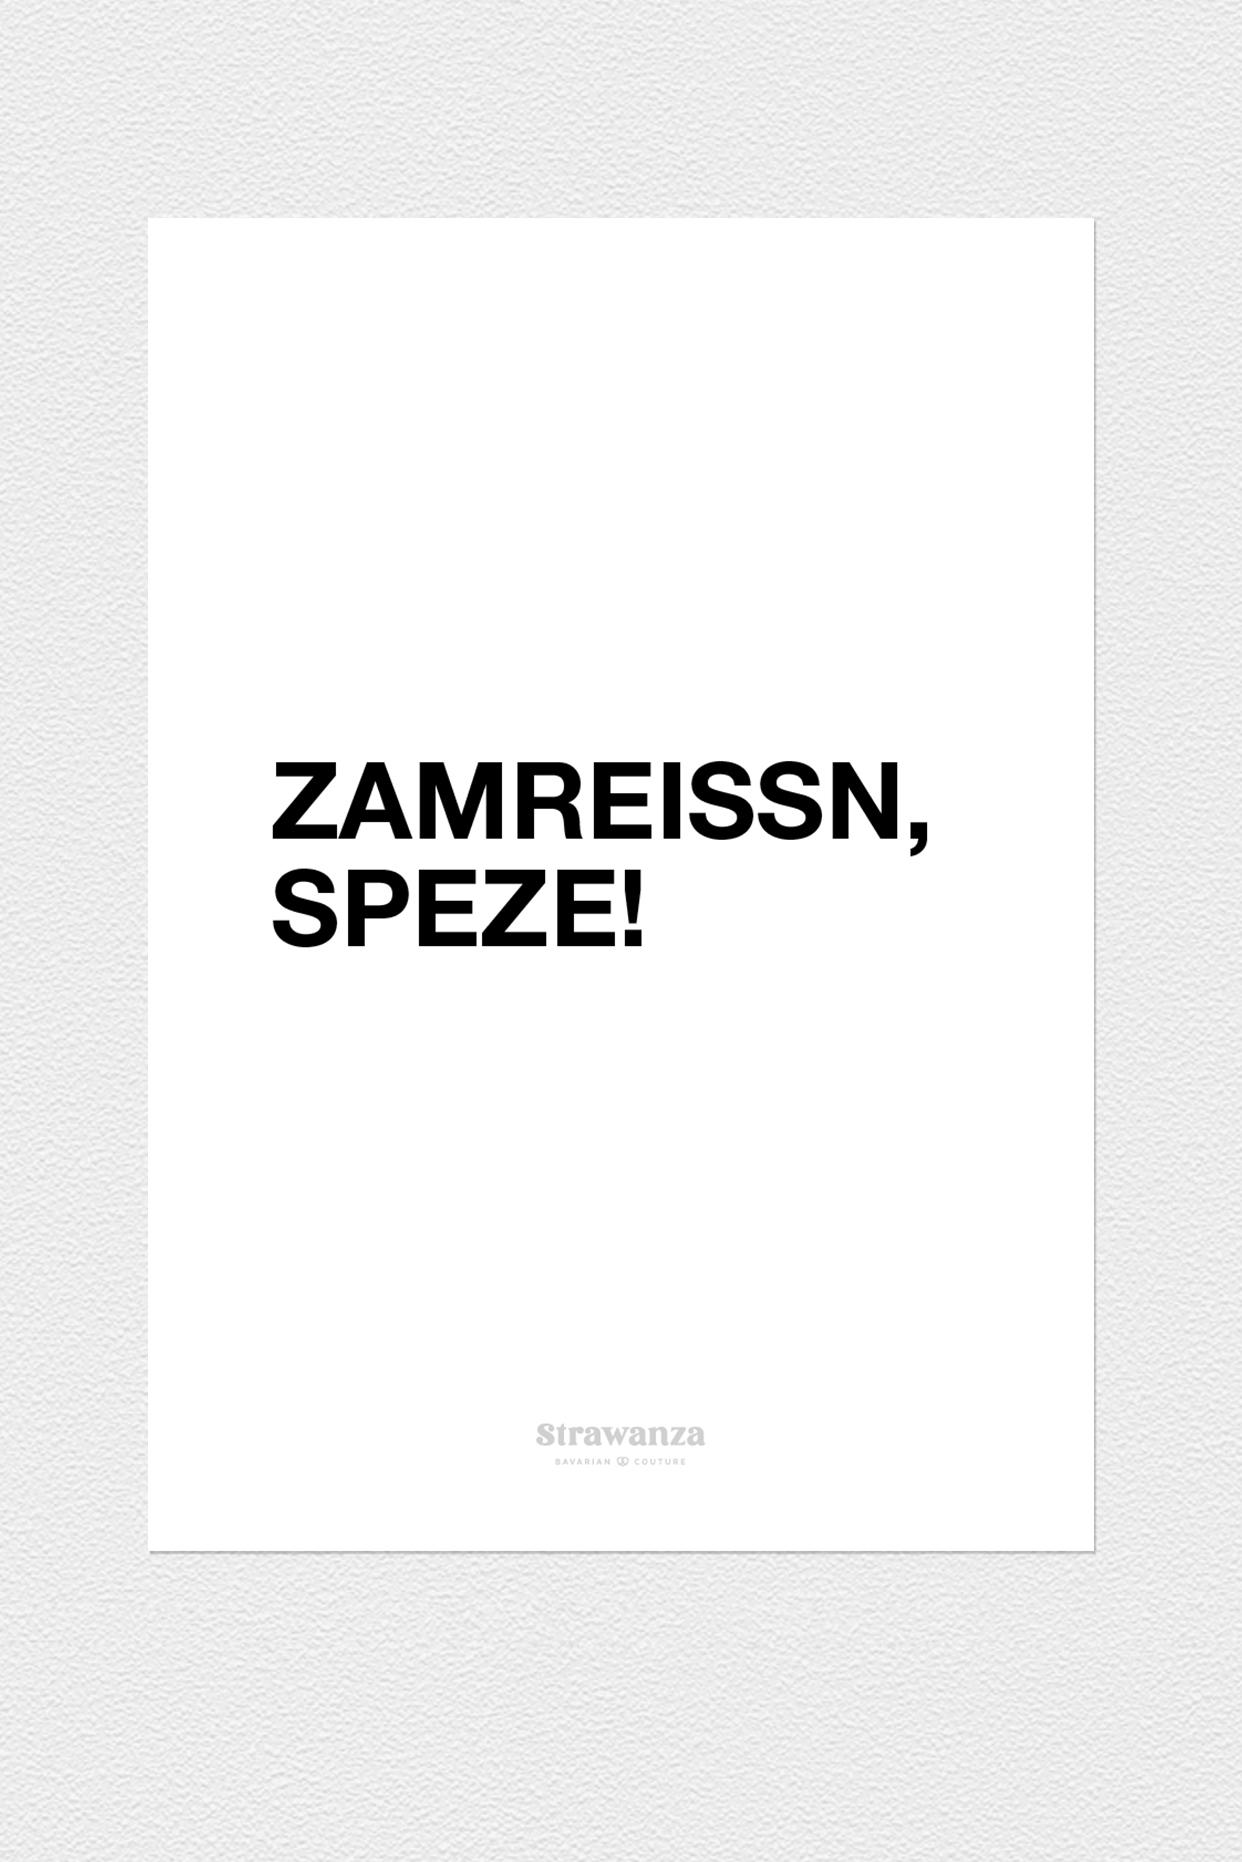 Zamreissn Speze Poster - A3